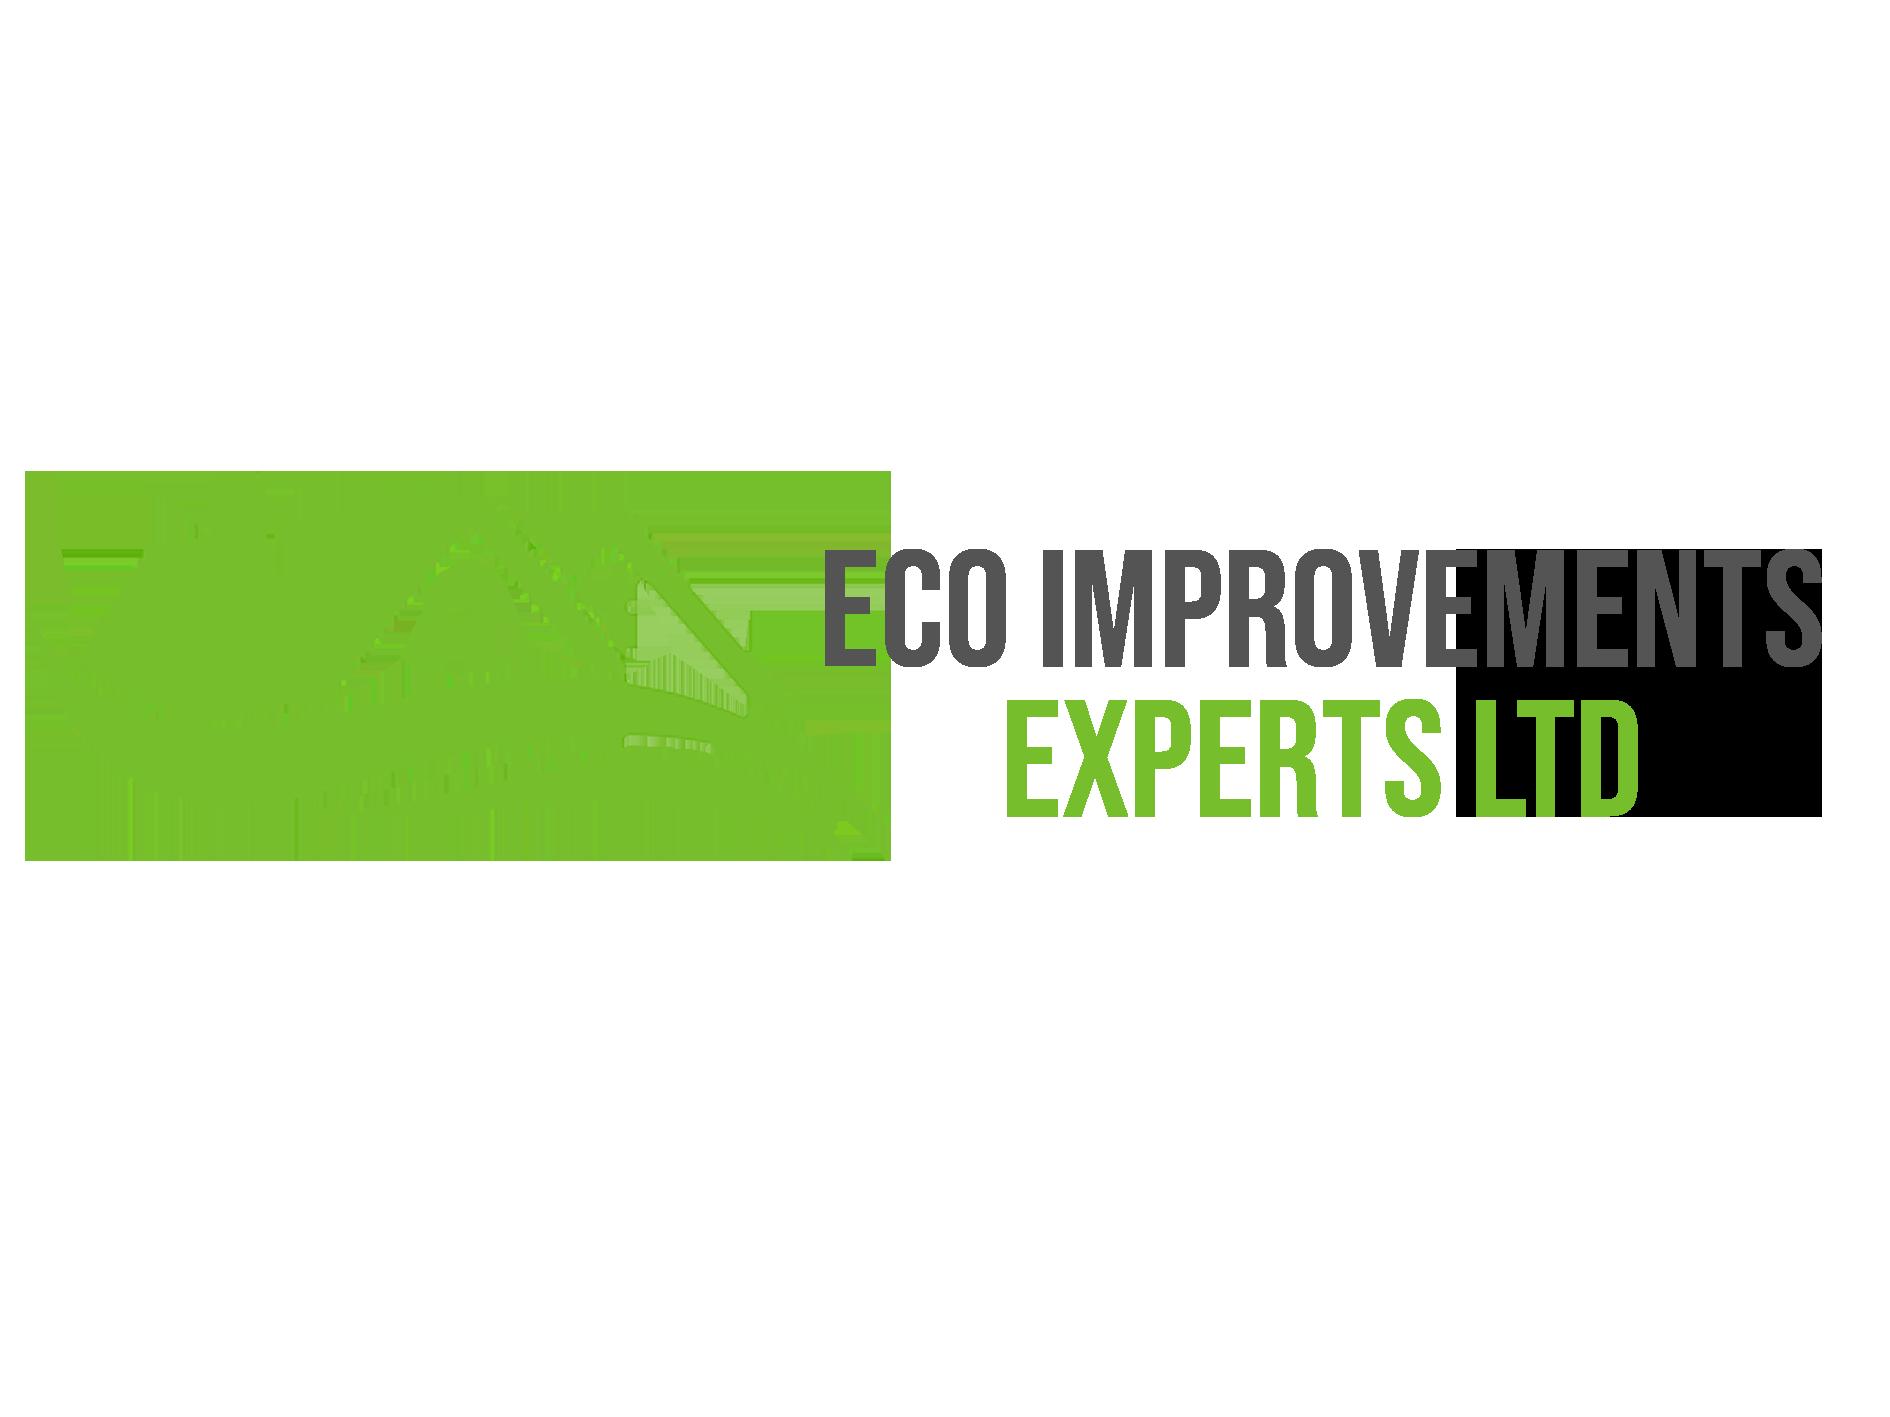 Eco Improvements